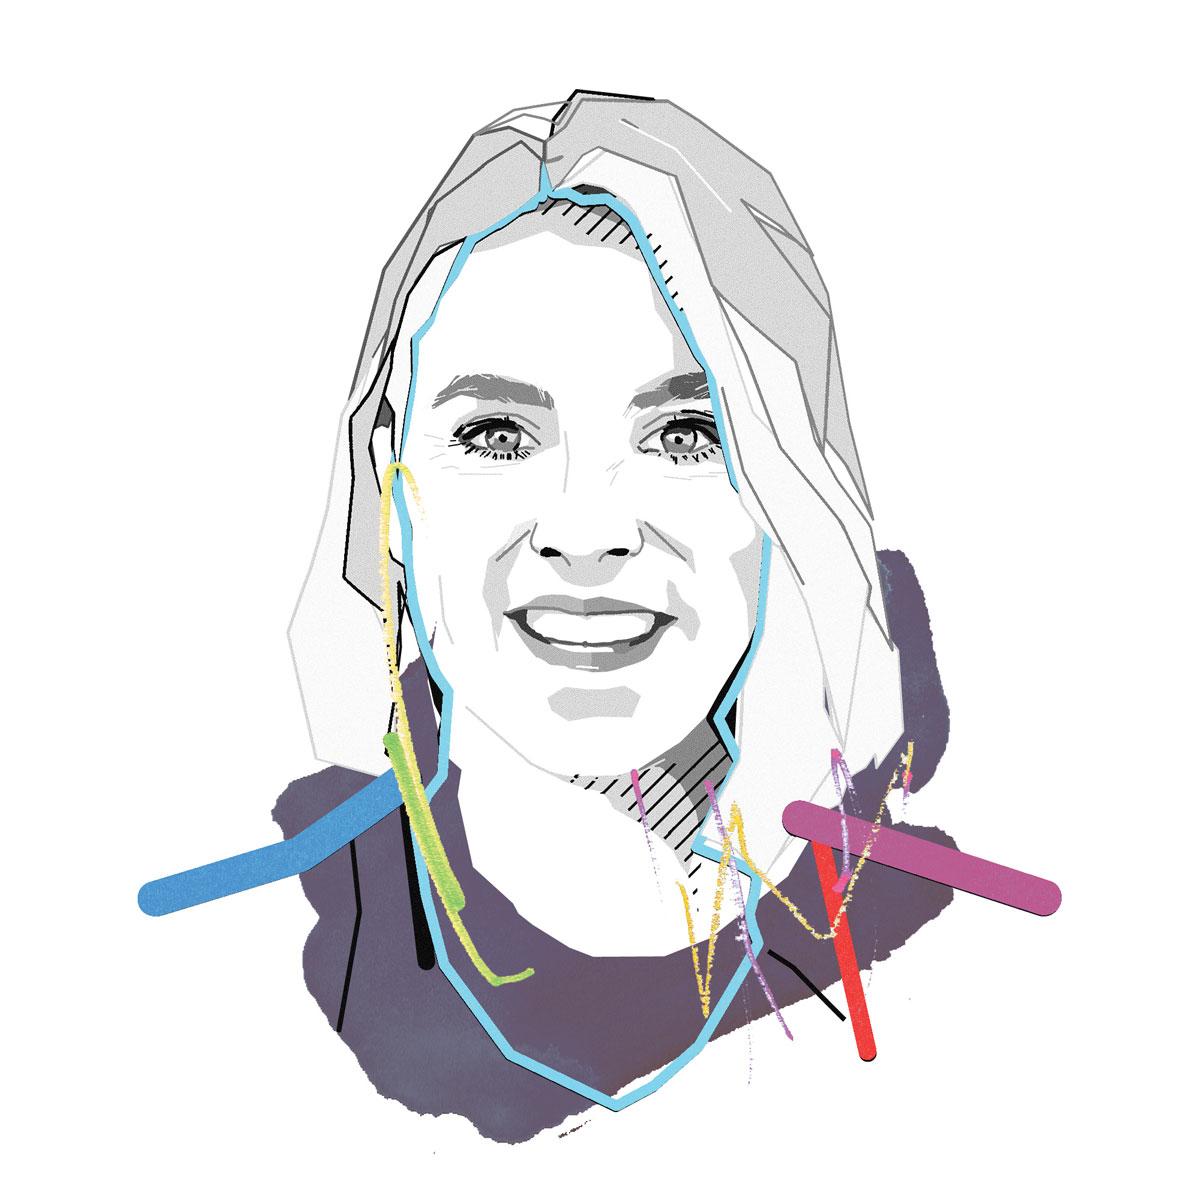 Illustation of Helena Klinstrom